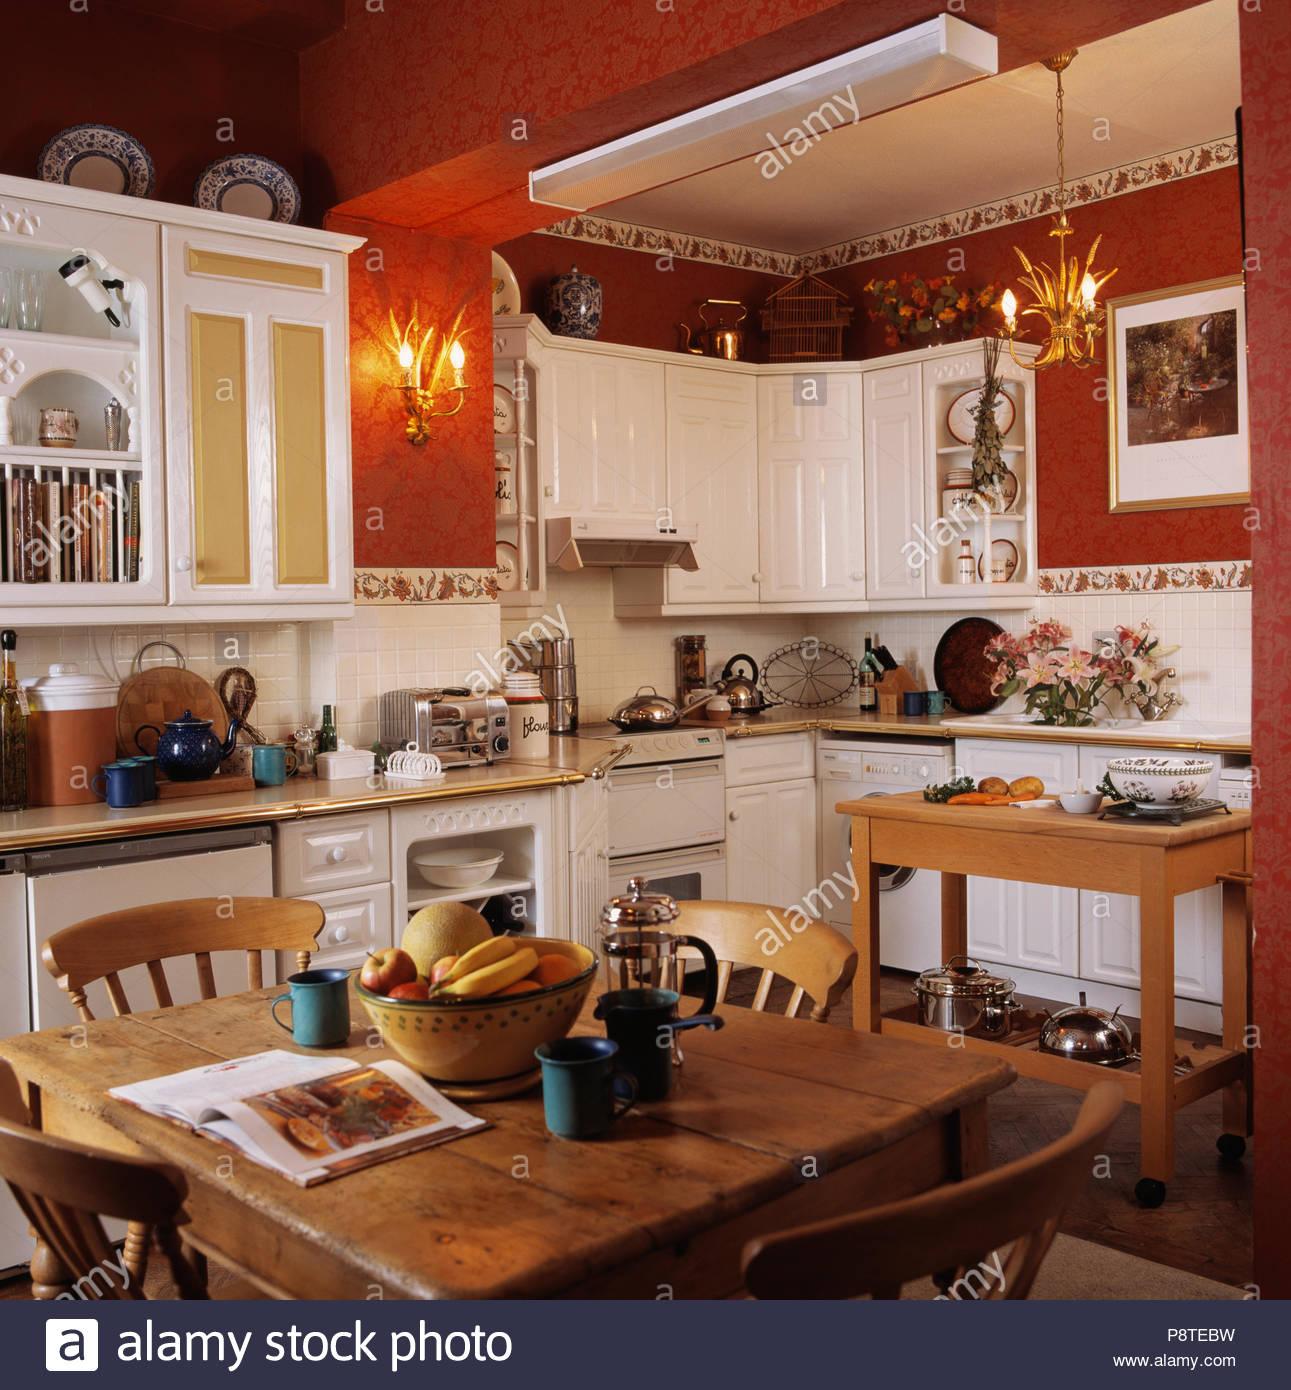 Full Size of Spritzschutz Tapete Küche Landhaus Tapete Küche Wasserabweisende Tapete Küche Geeignete Tapete Küche Abwaschbar Küche Tapete Küche